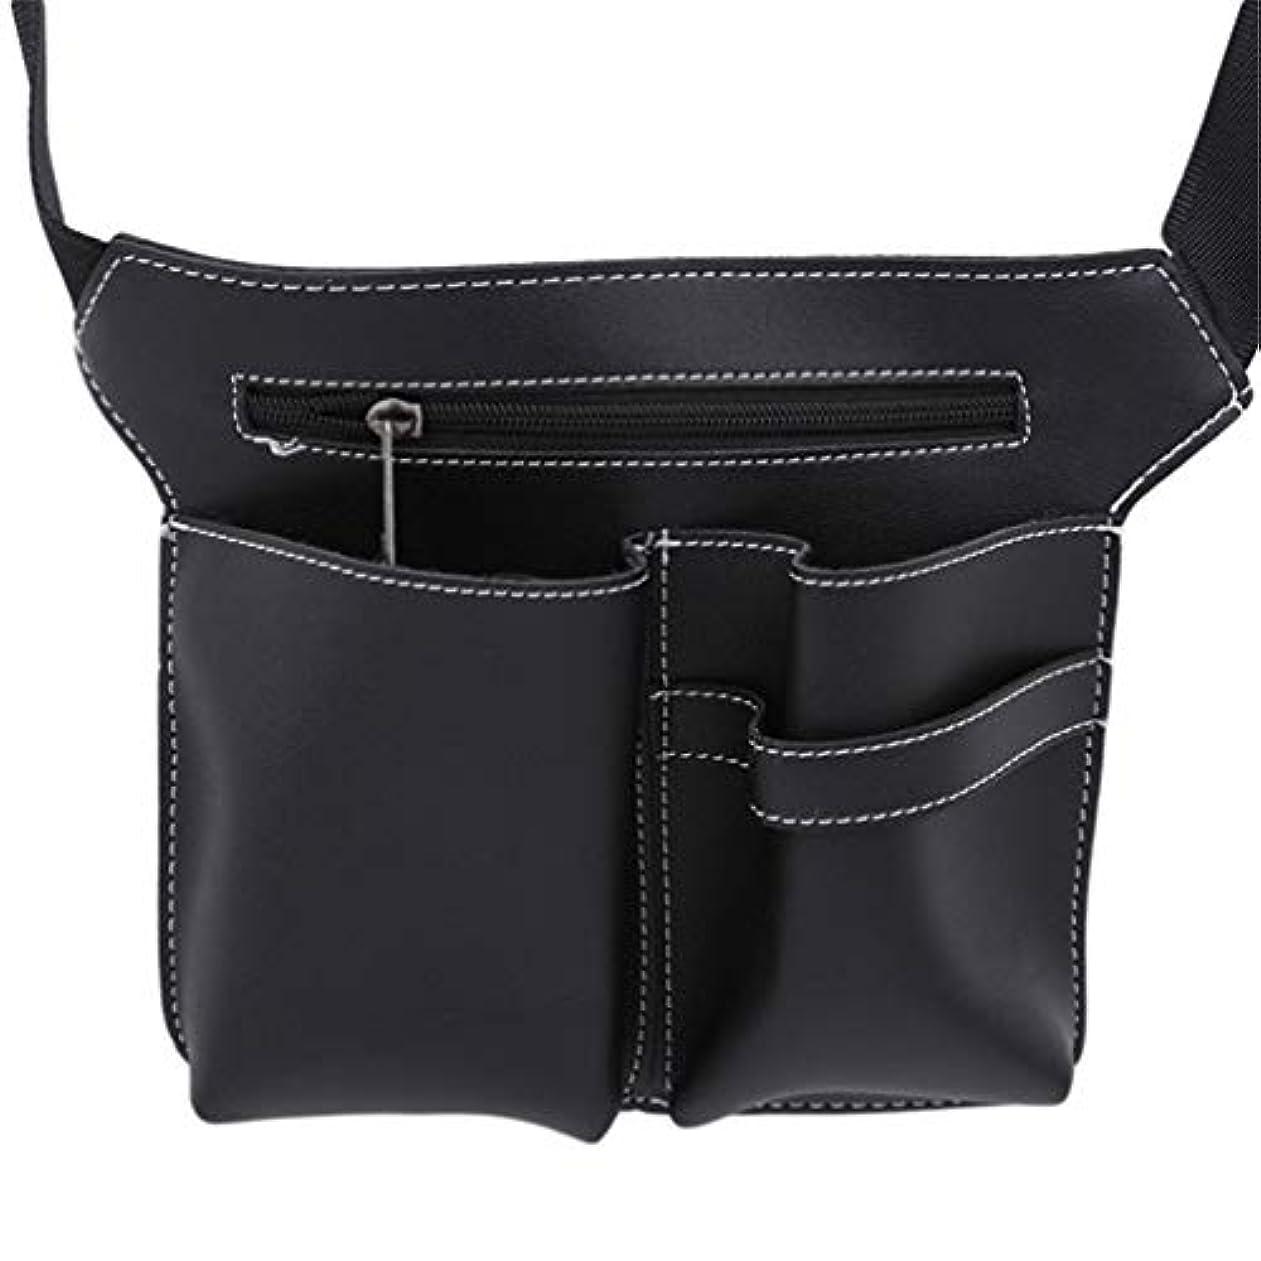 インサート概して一般MARUIKAO メイクブラシケース ウエストポーチ 収納バッグ はさみ オーガナイザー ホルダー 化粧ツール 便利グッズ ベルト 美容師 美容用品 保管ポケット